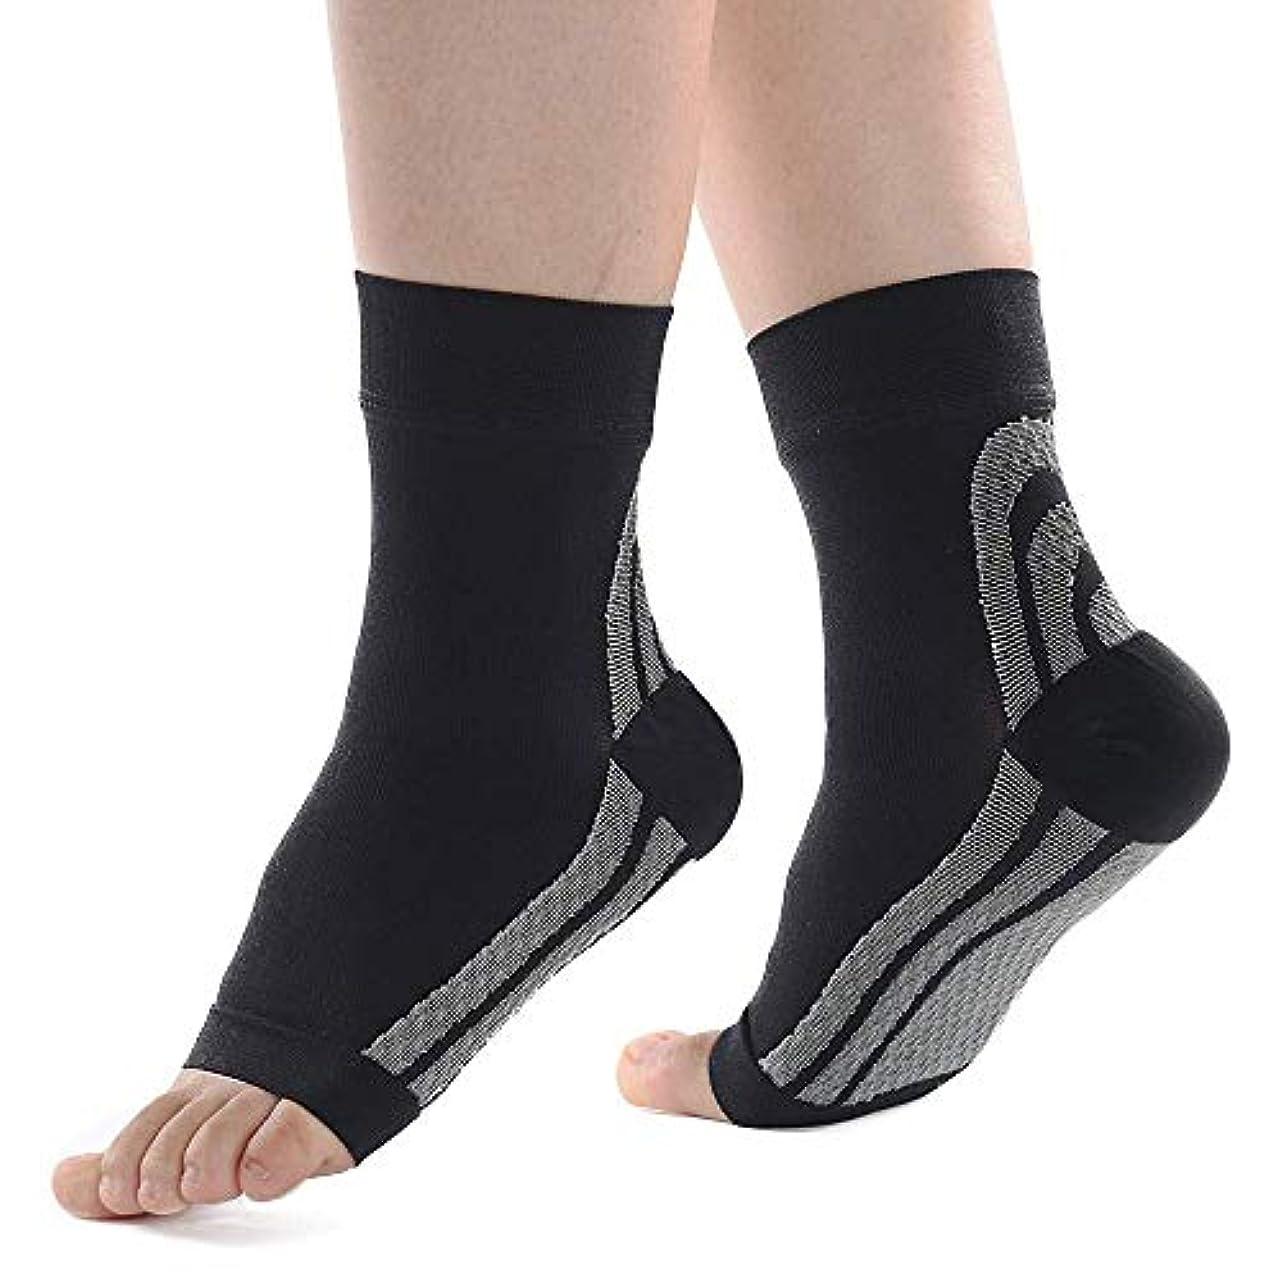 エッセンス悩むひいきにする扁平足 サポーター 足底筋膜炎 扁平足 矯正 アーチサポーター 土踏まず 疲れを軽減,2枚入り